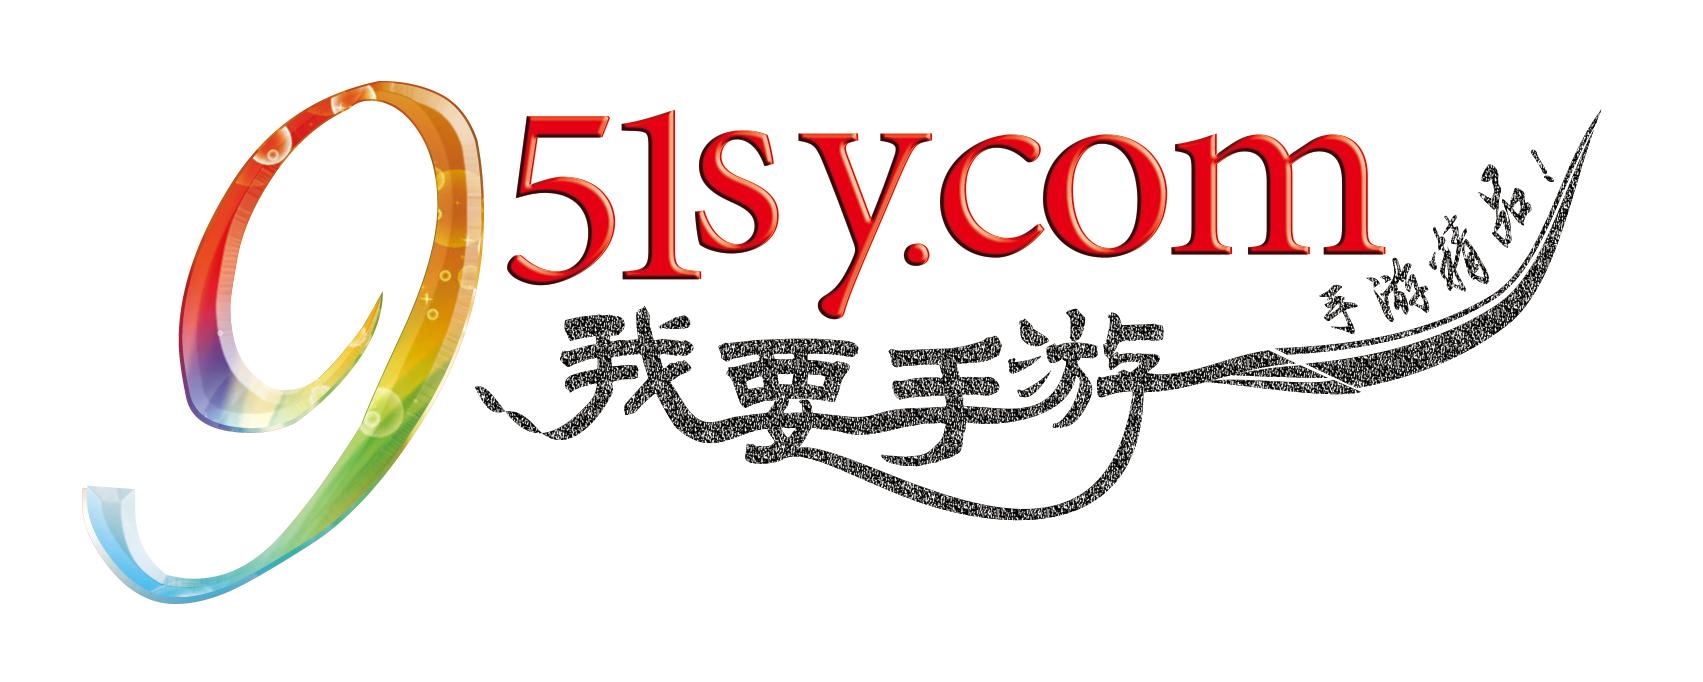 风云三国志BT视频截图